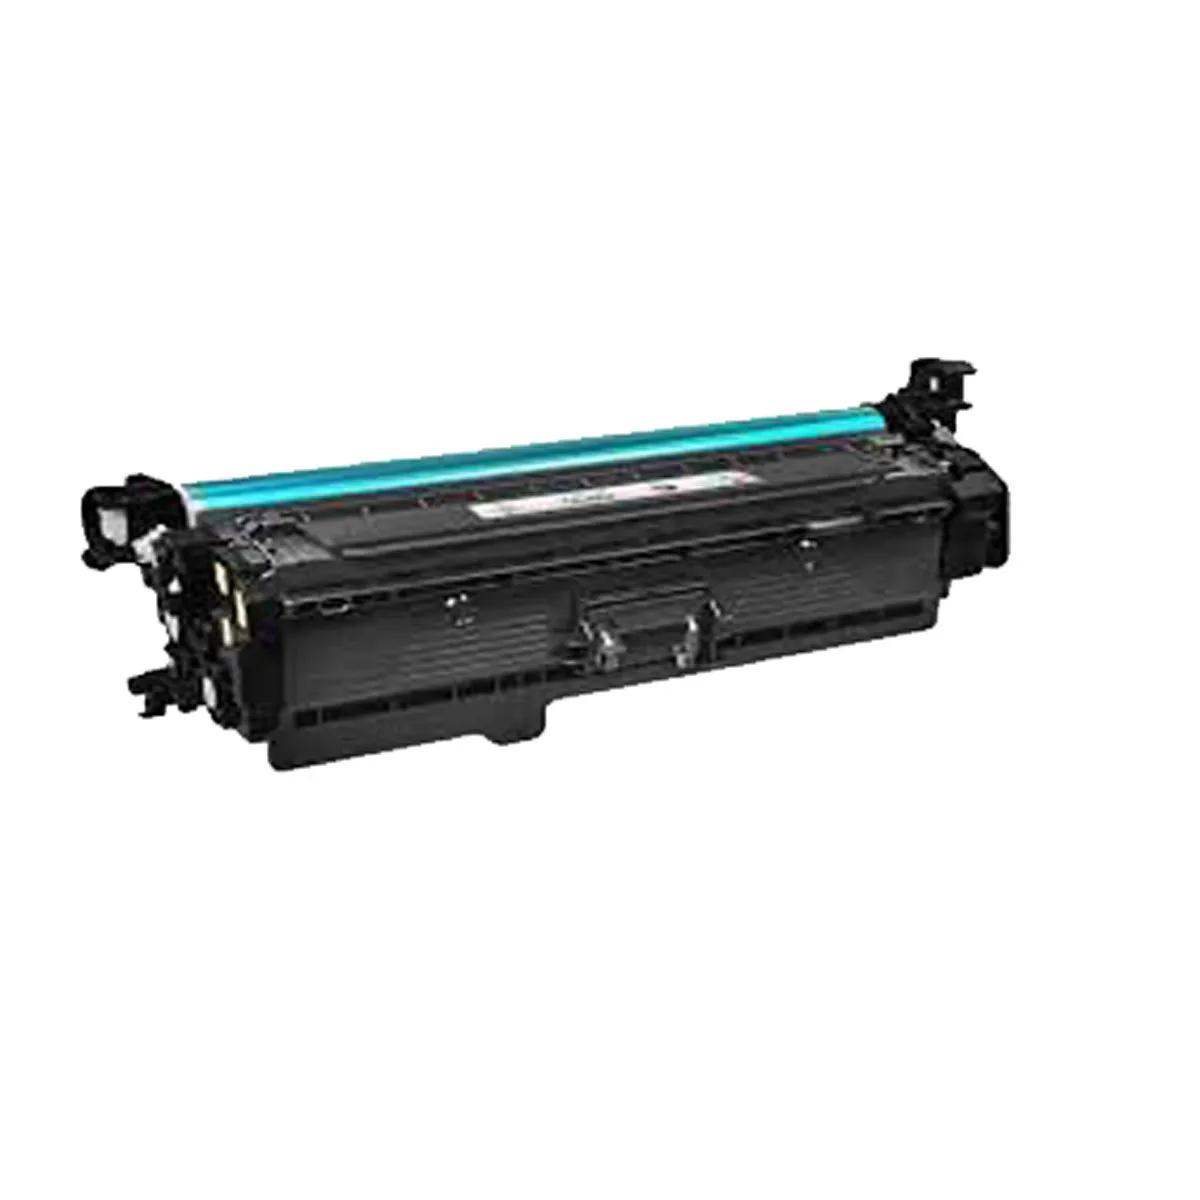 Toner Compativel com HP CF400X CF400 400X 201A - Preto - 2.8k